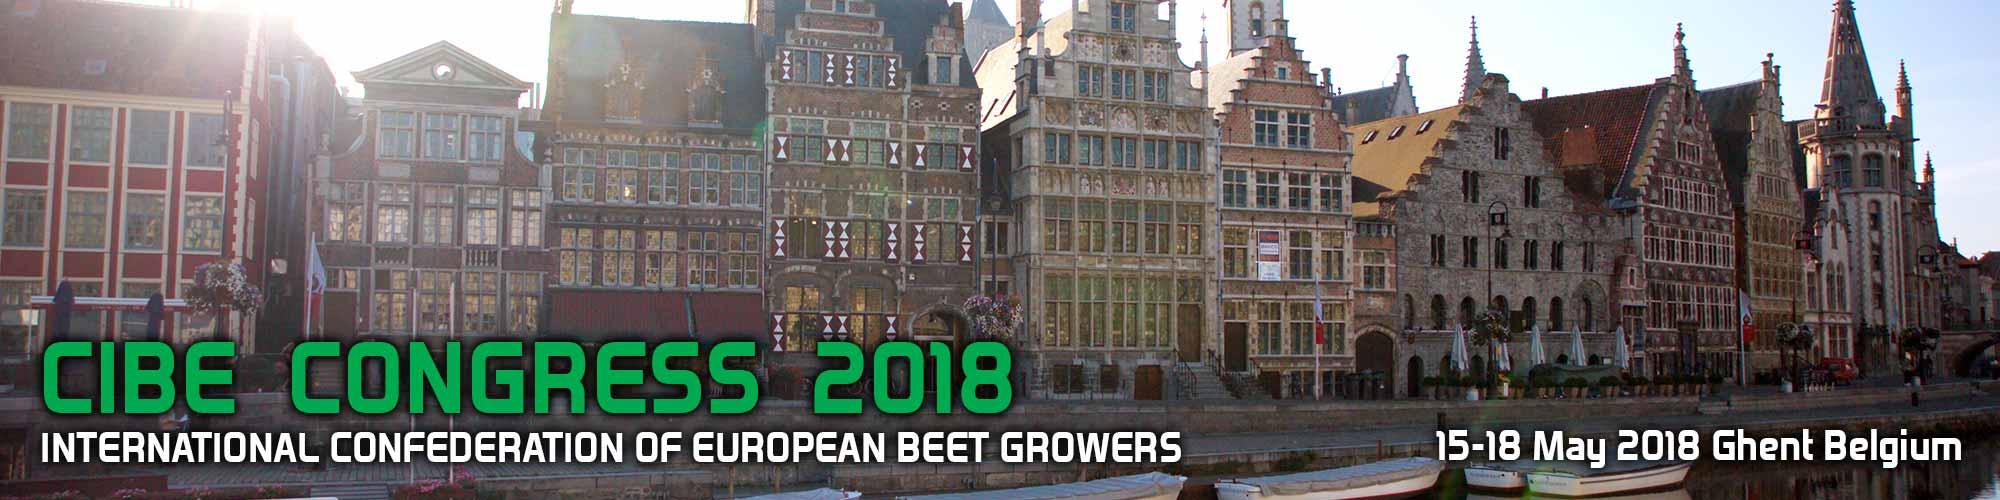 CIBE Congress 2018